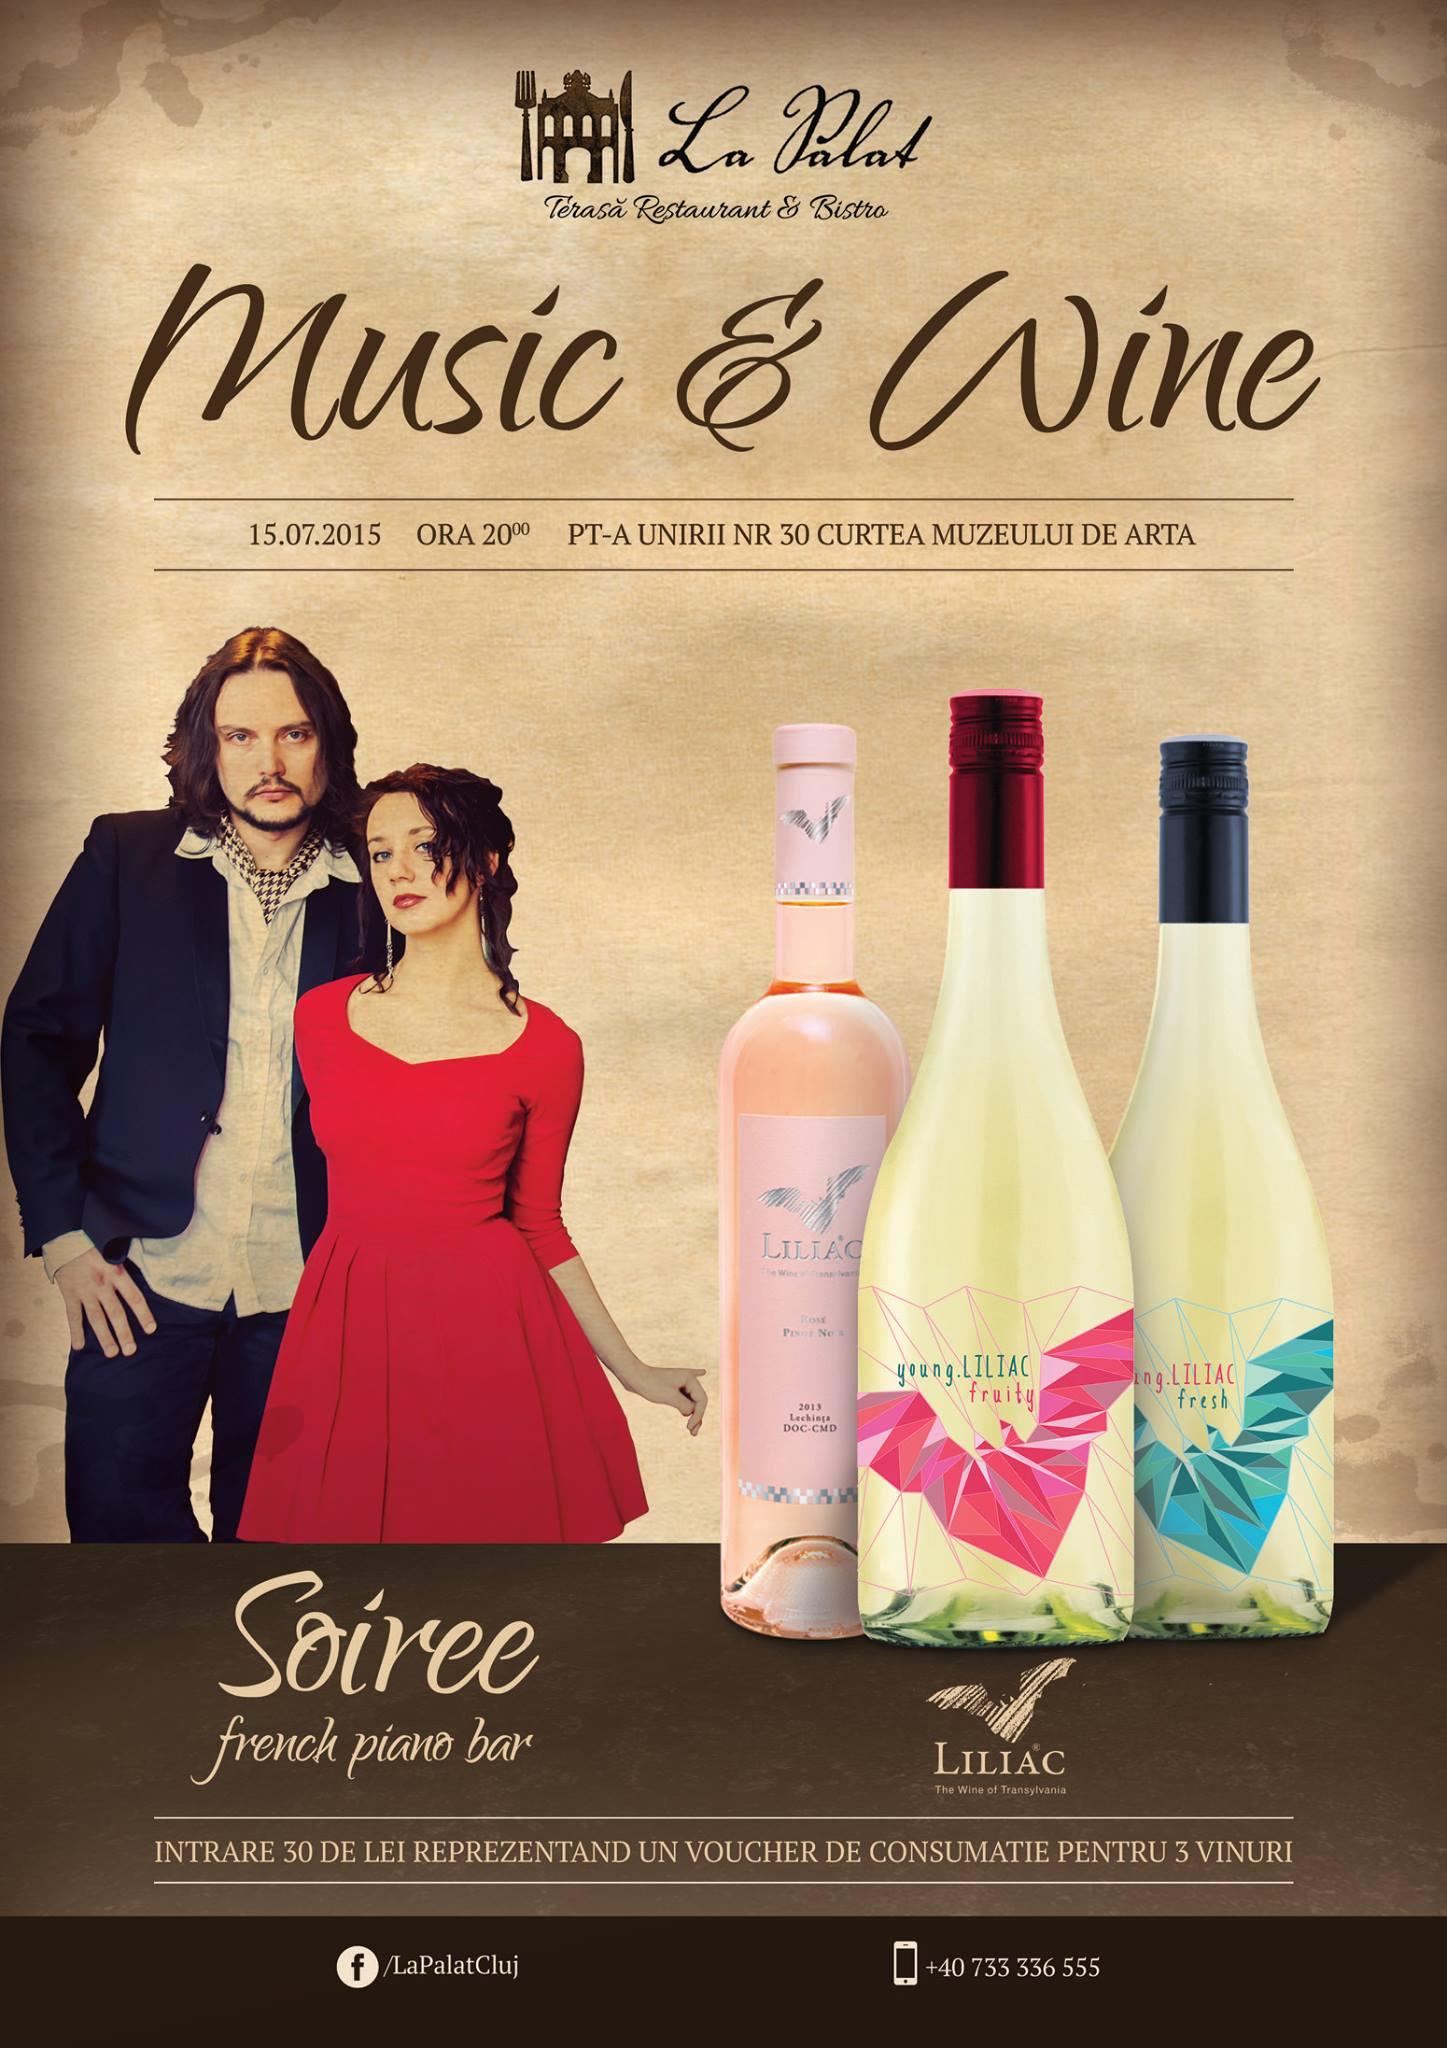 Music & Wine @ La Palat